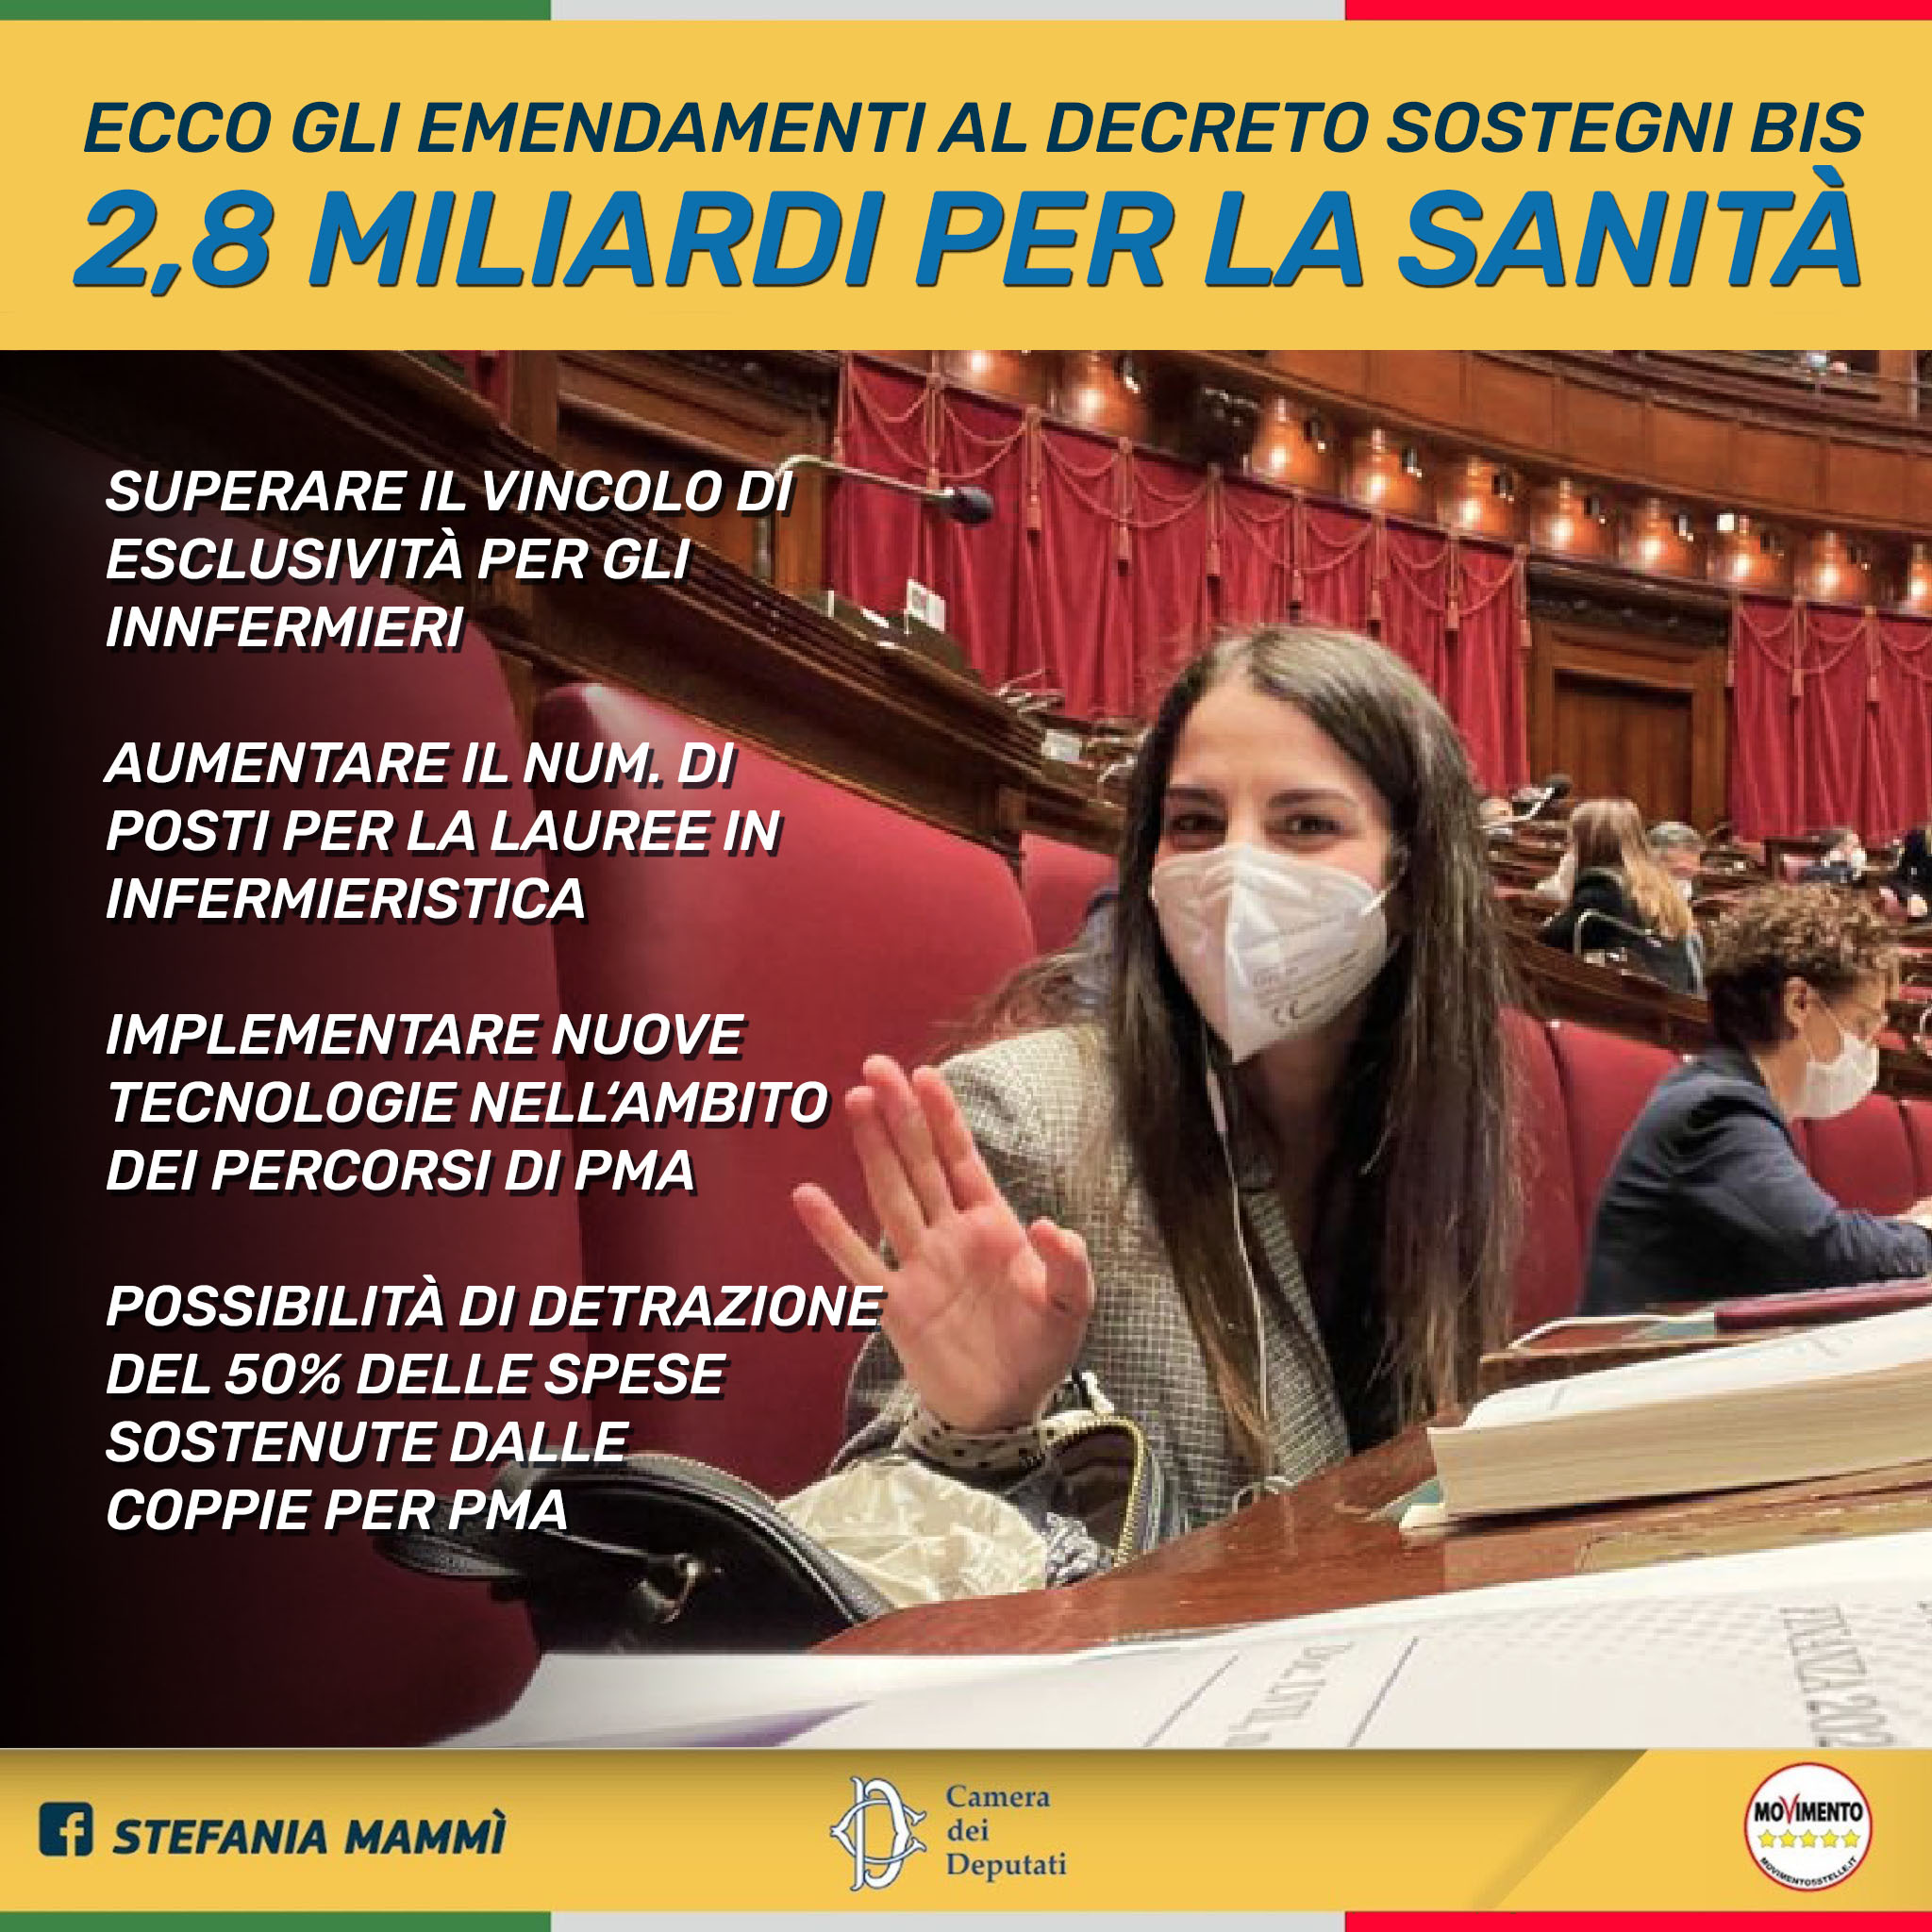 dl-sostegni-–-on.-mammi-(m5s):-7-emendamenti-dedicati-a-operatori-sanitari-e-alla-tutela-delle-coppie-nei-percorsi-di-pma